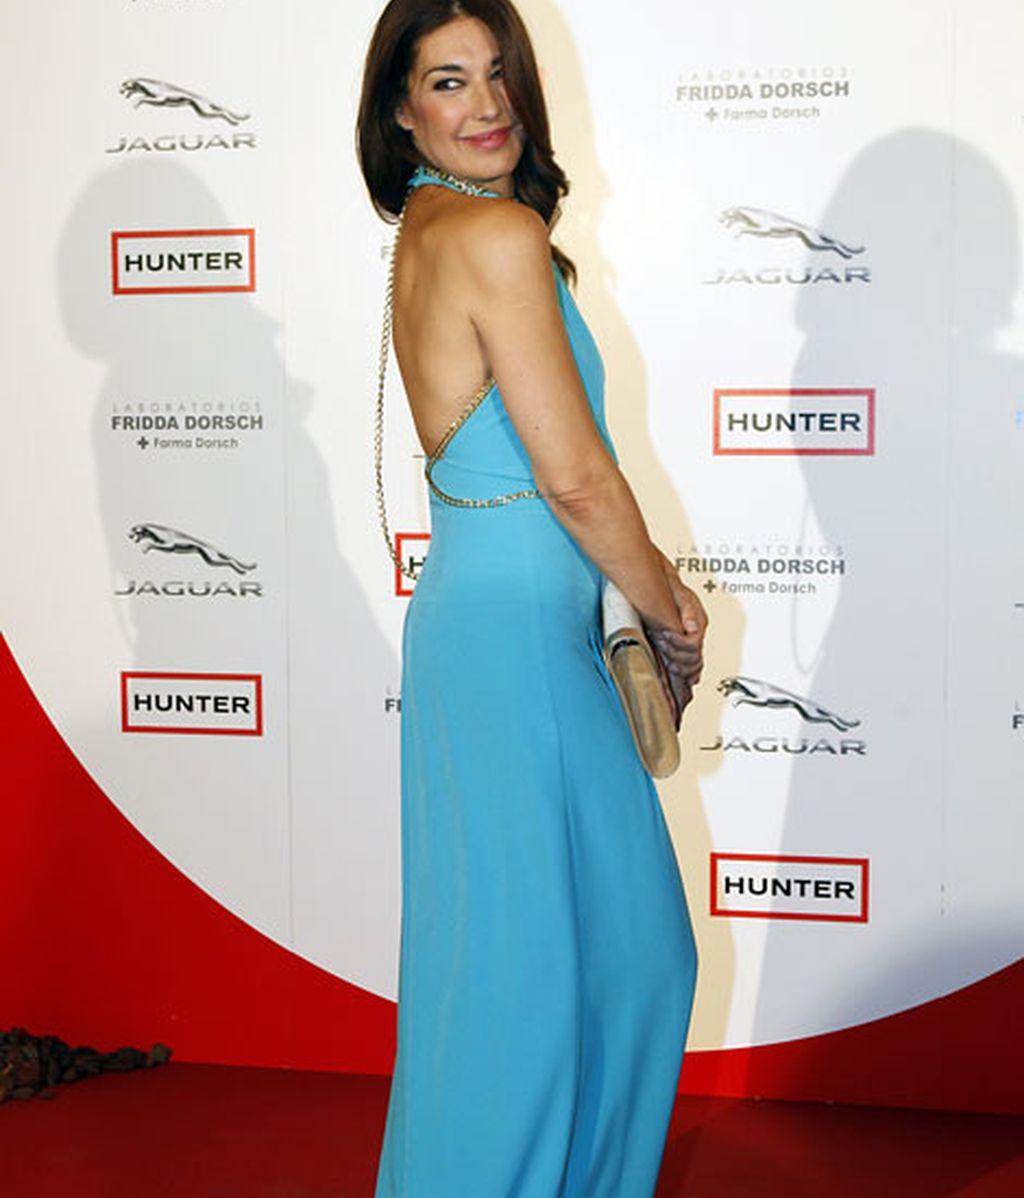 La ex Miss España Raquel Revuelta lució escote en la espalda